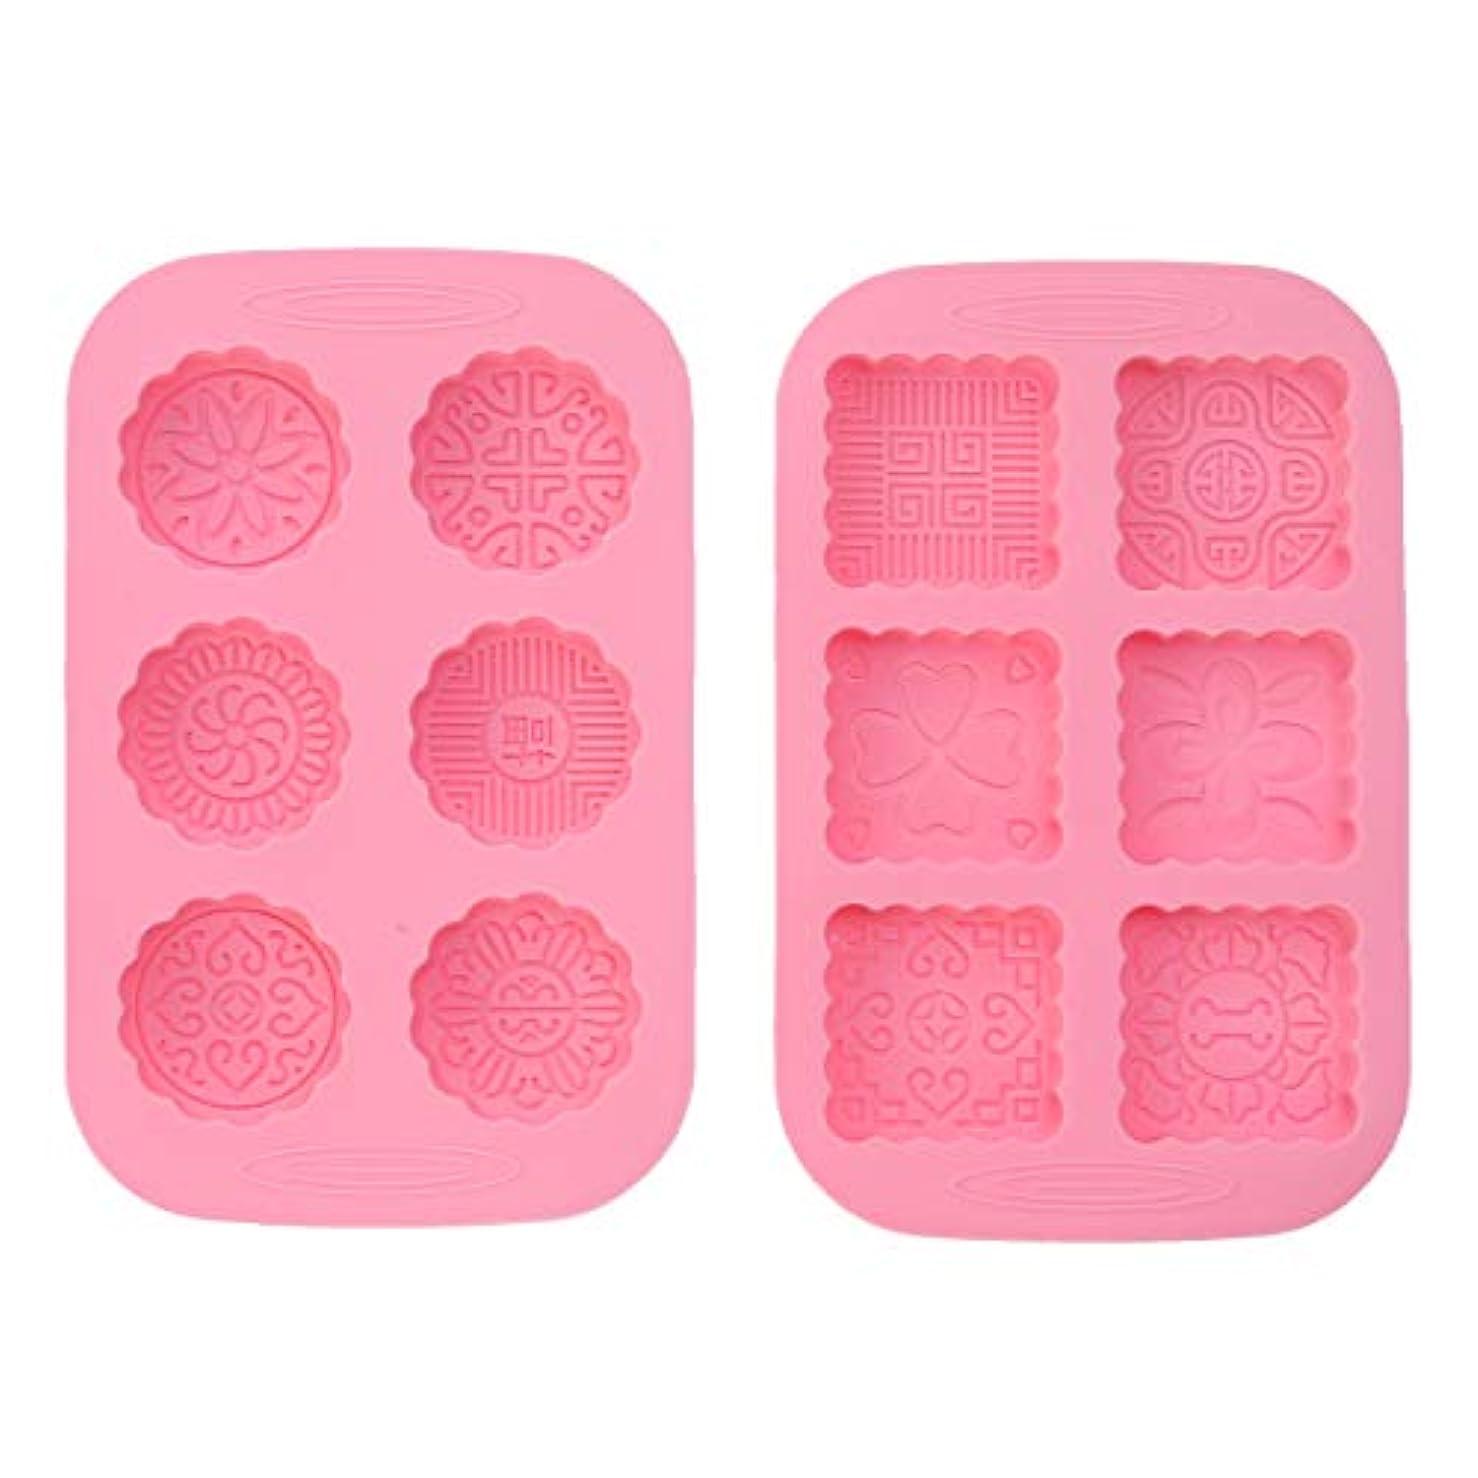 可愛い答え禁止するHealifty チョコレート石鹸パンのための2本の月餅型の花型(ピンク)